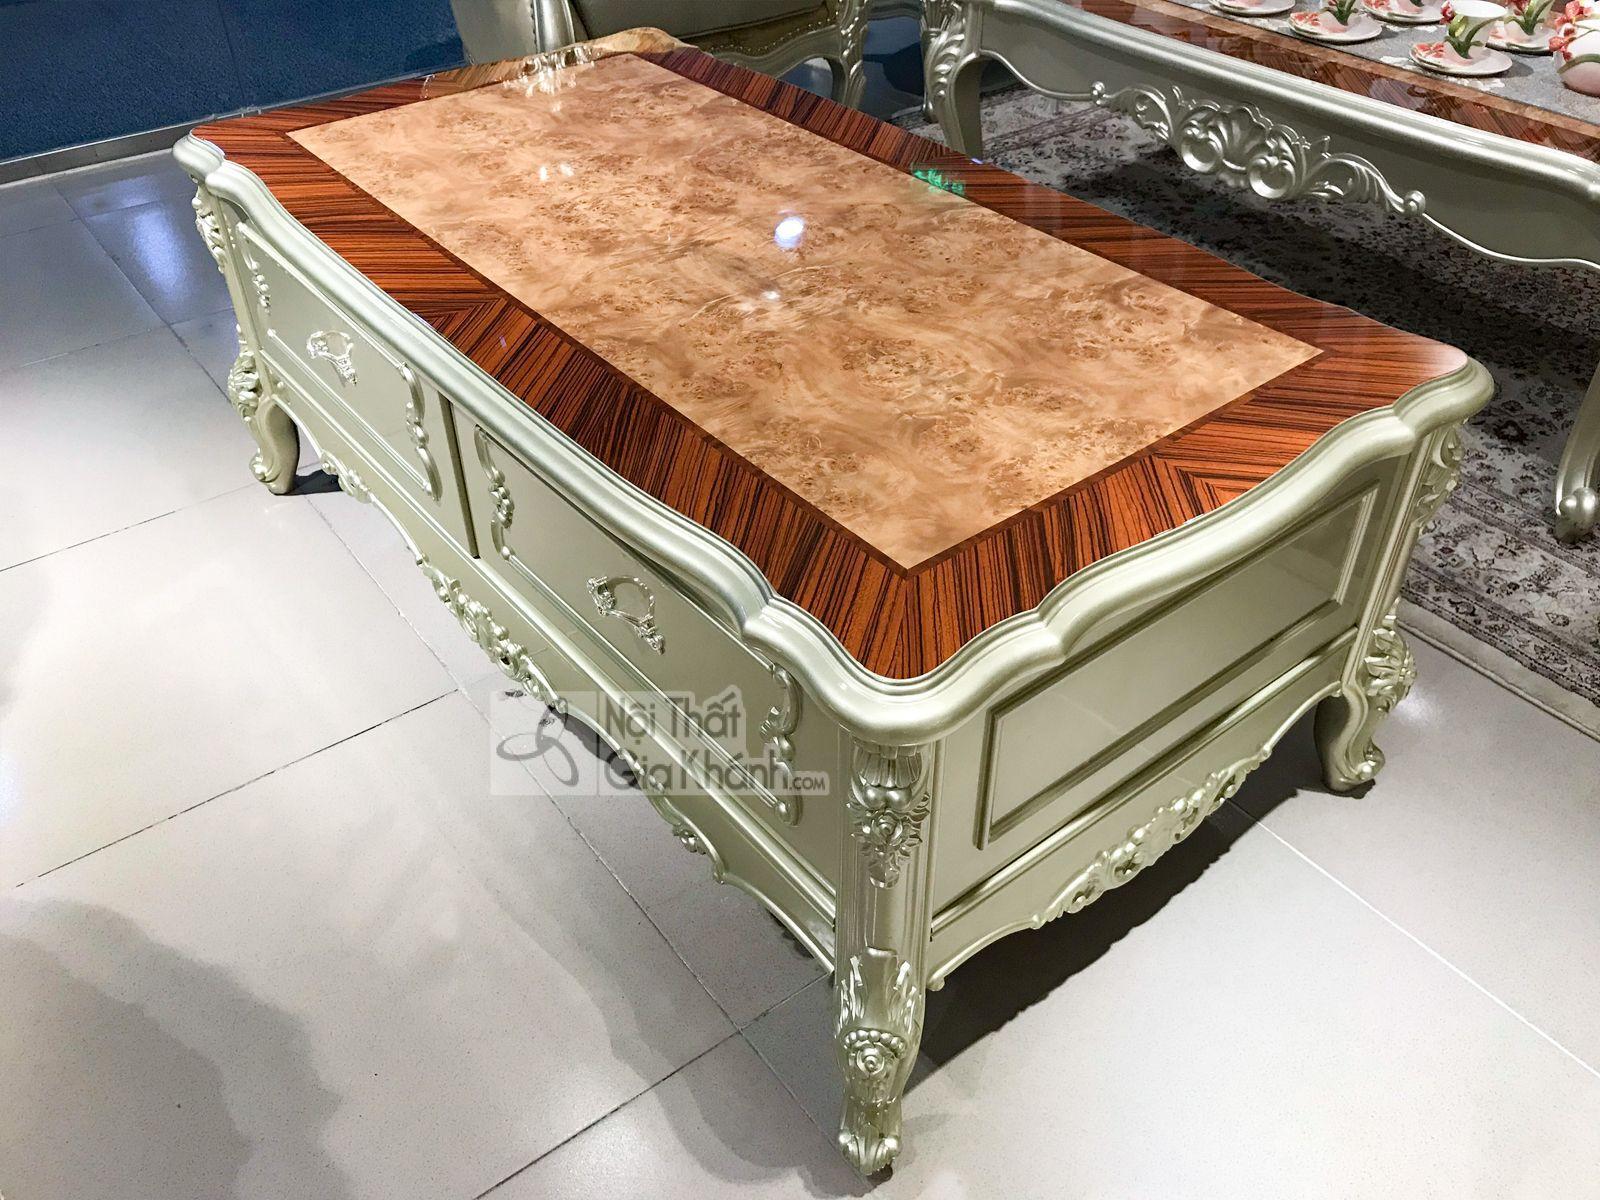 ban tra co ngan keo phong khach gk8801bt1.4 1 - Bàn trà (Bàn sofa) gỗ phòng khách tân cổ điển sang trọng GK8801BT1.4